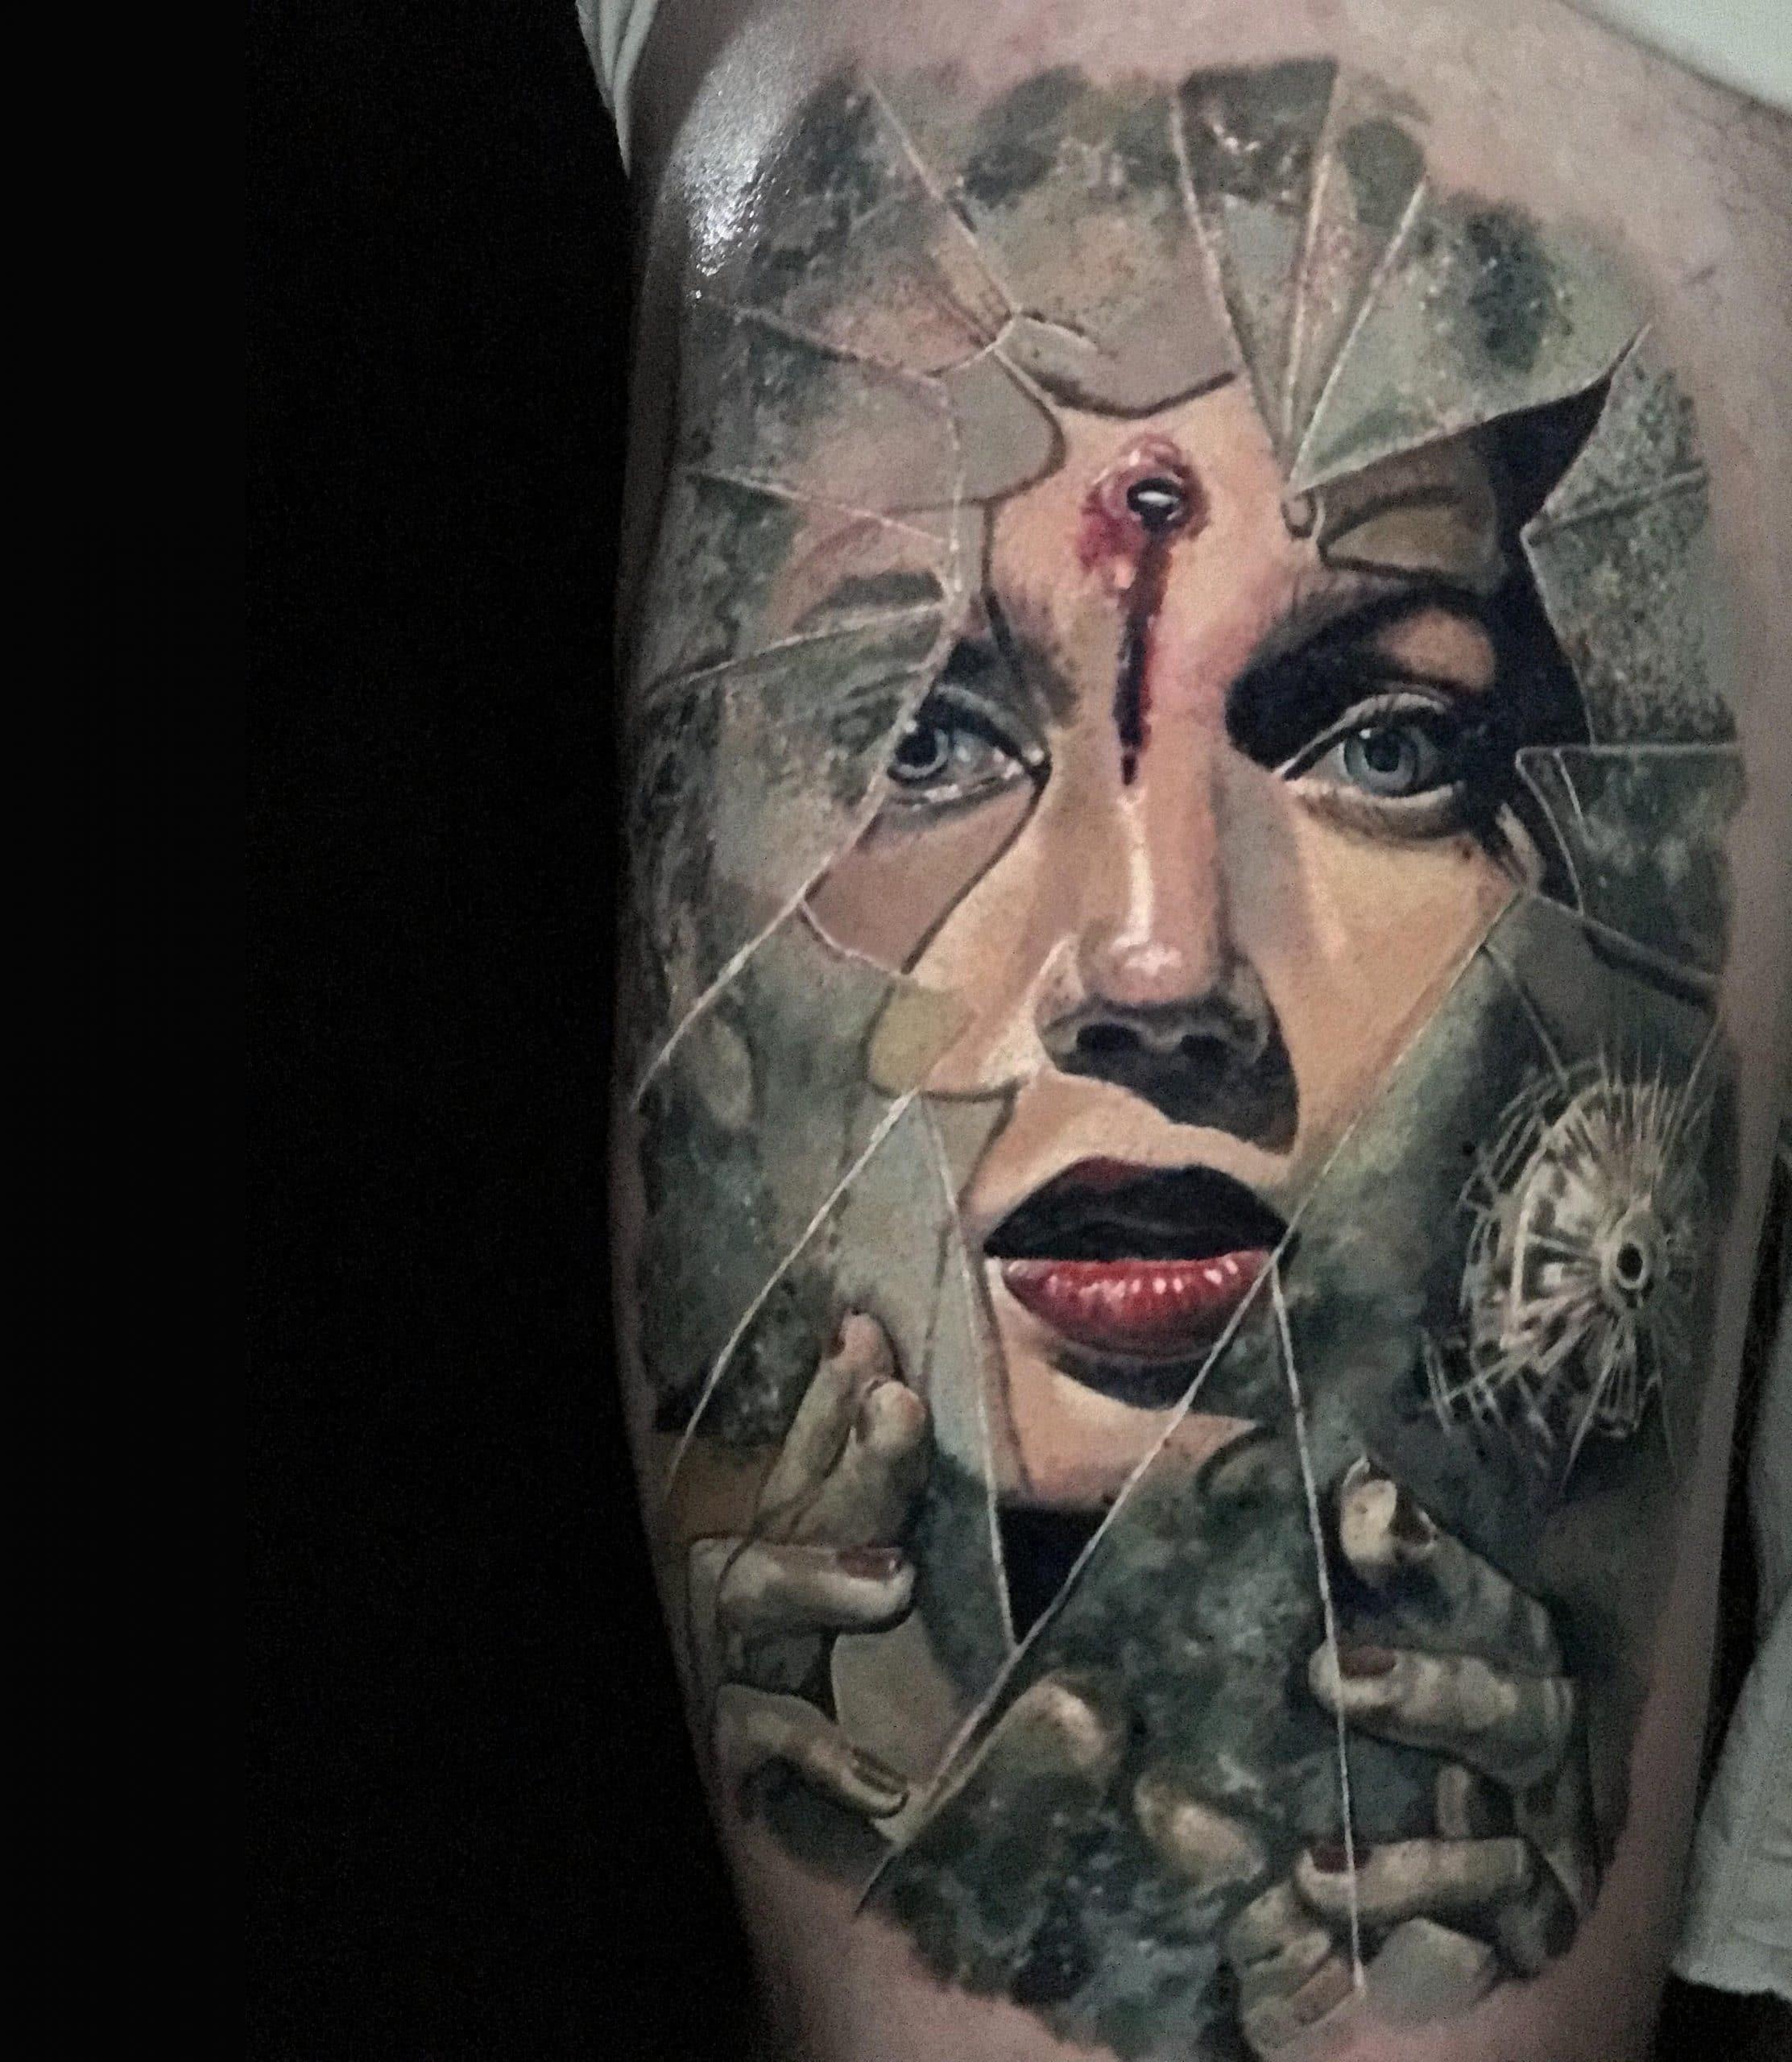 Gesicht einer Frau mit einem Kopfschuss hinter einem Zerbrochenen Glas Tattoo